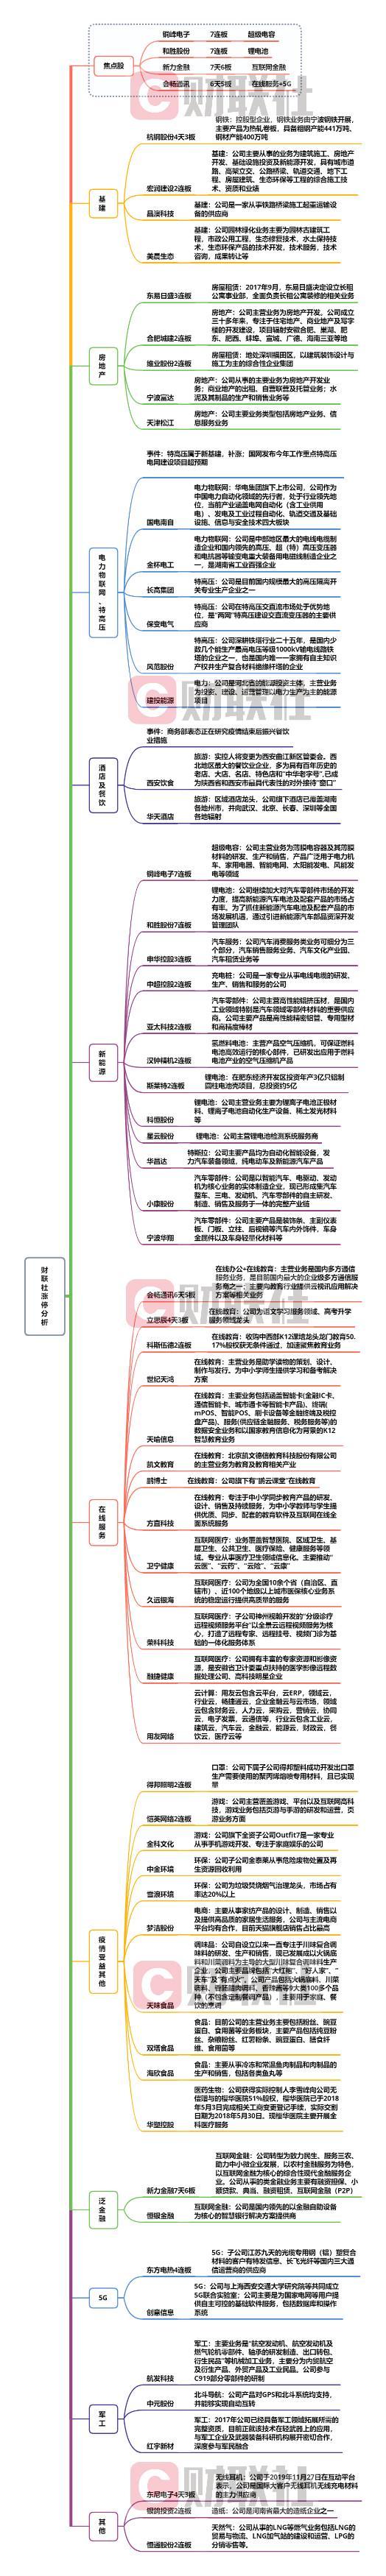 【财联社午报】三大指数震荡走高  科技内部分化严重